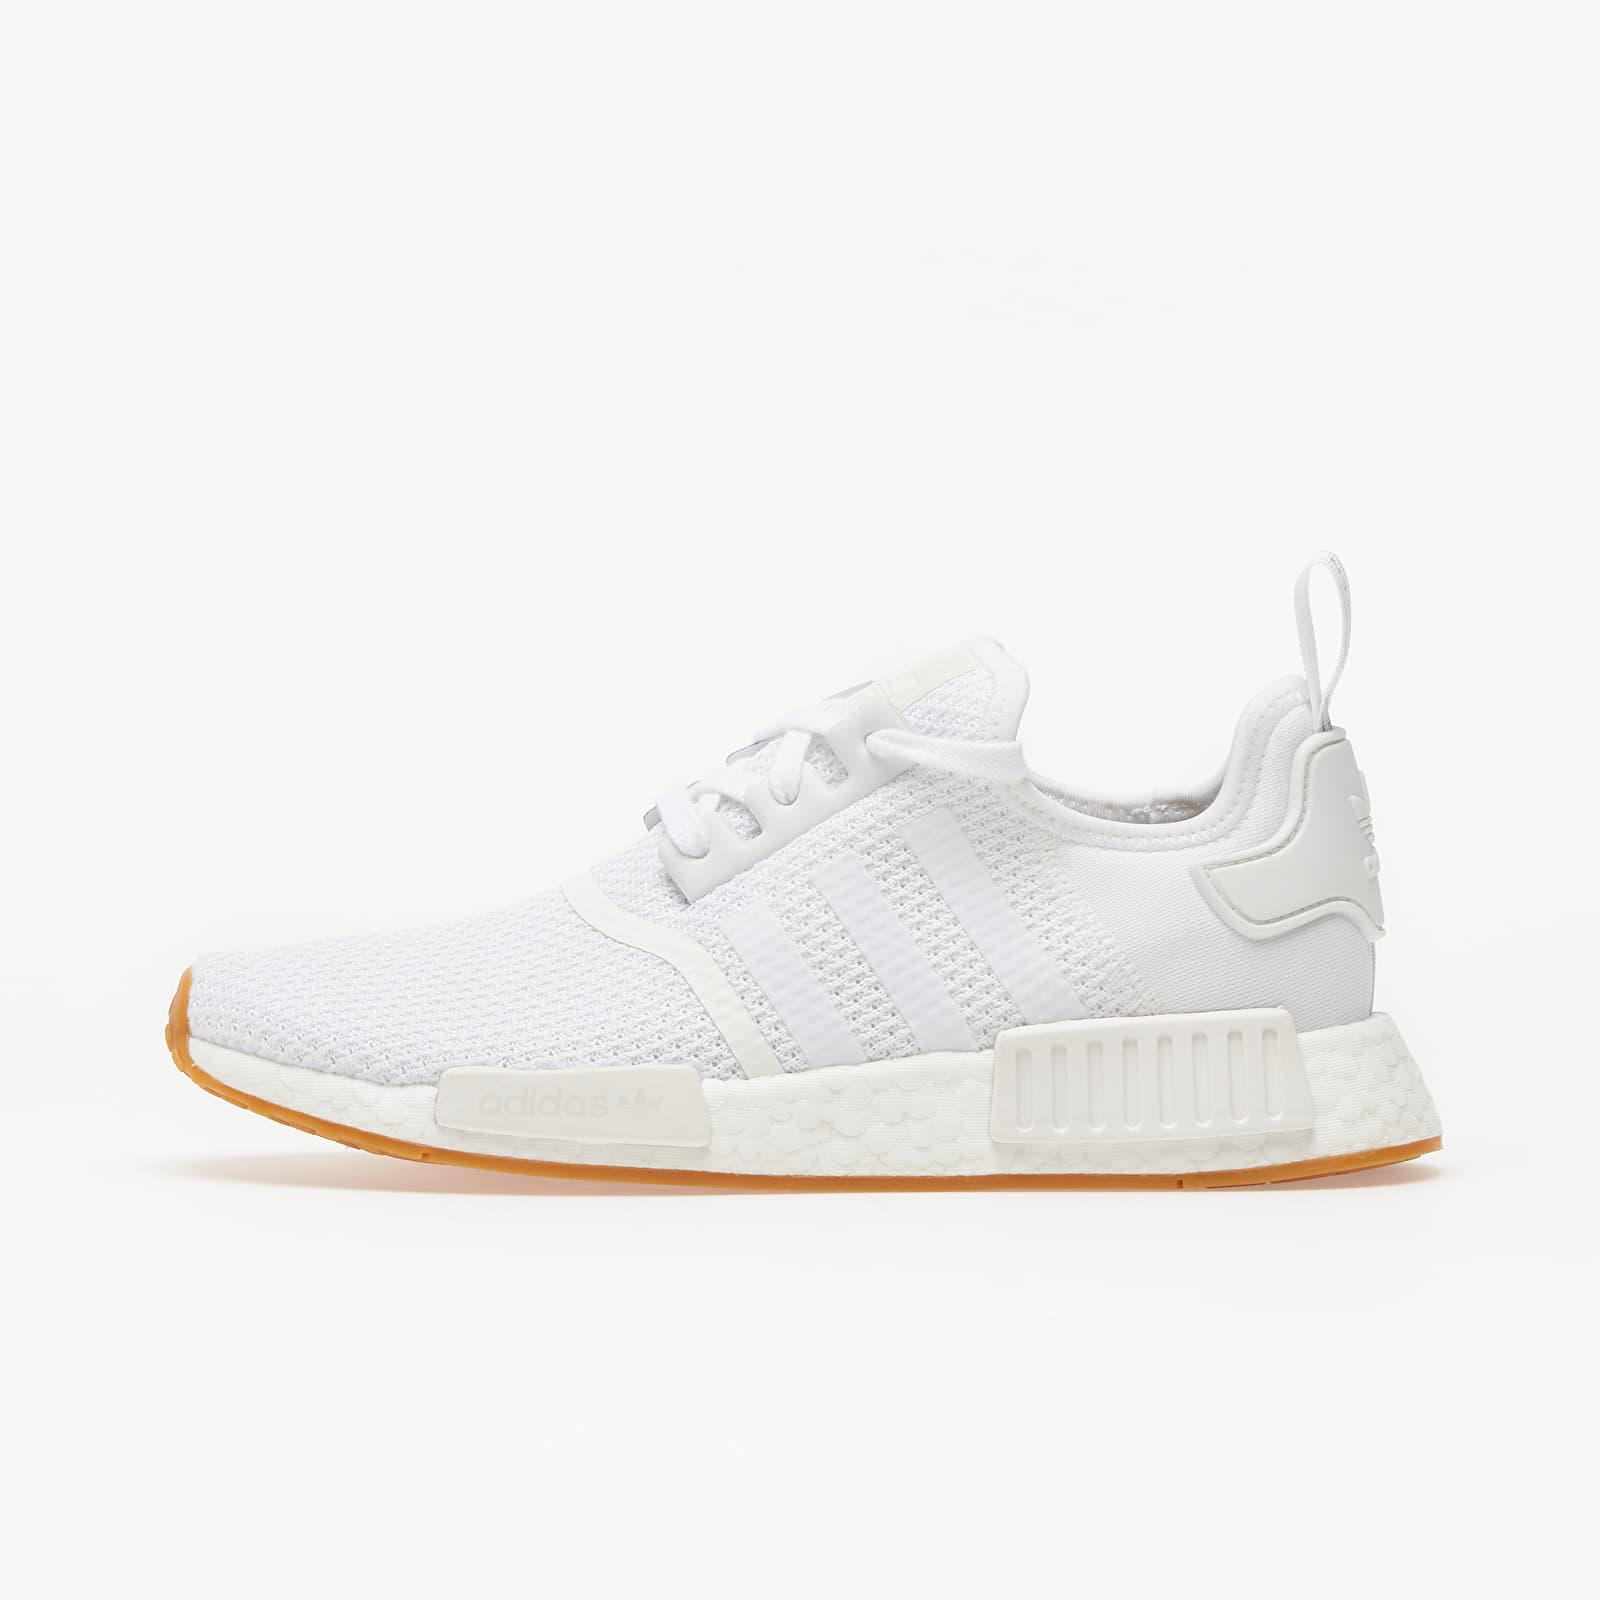 Pánske tenisky a topánky adidas NMD_R1 Ftw White/ Ftw White/ Gum 3